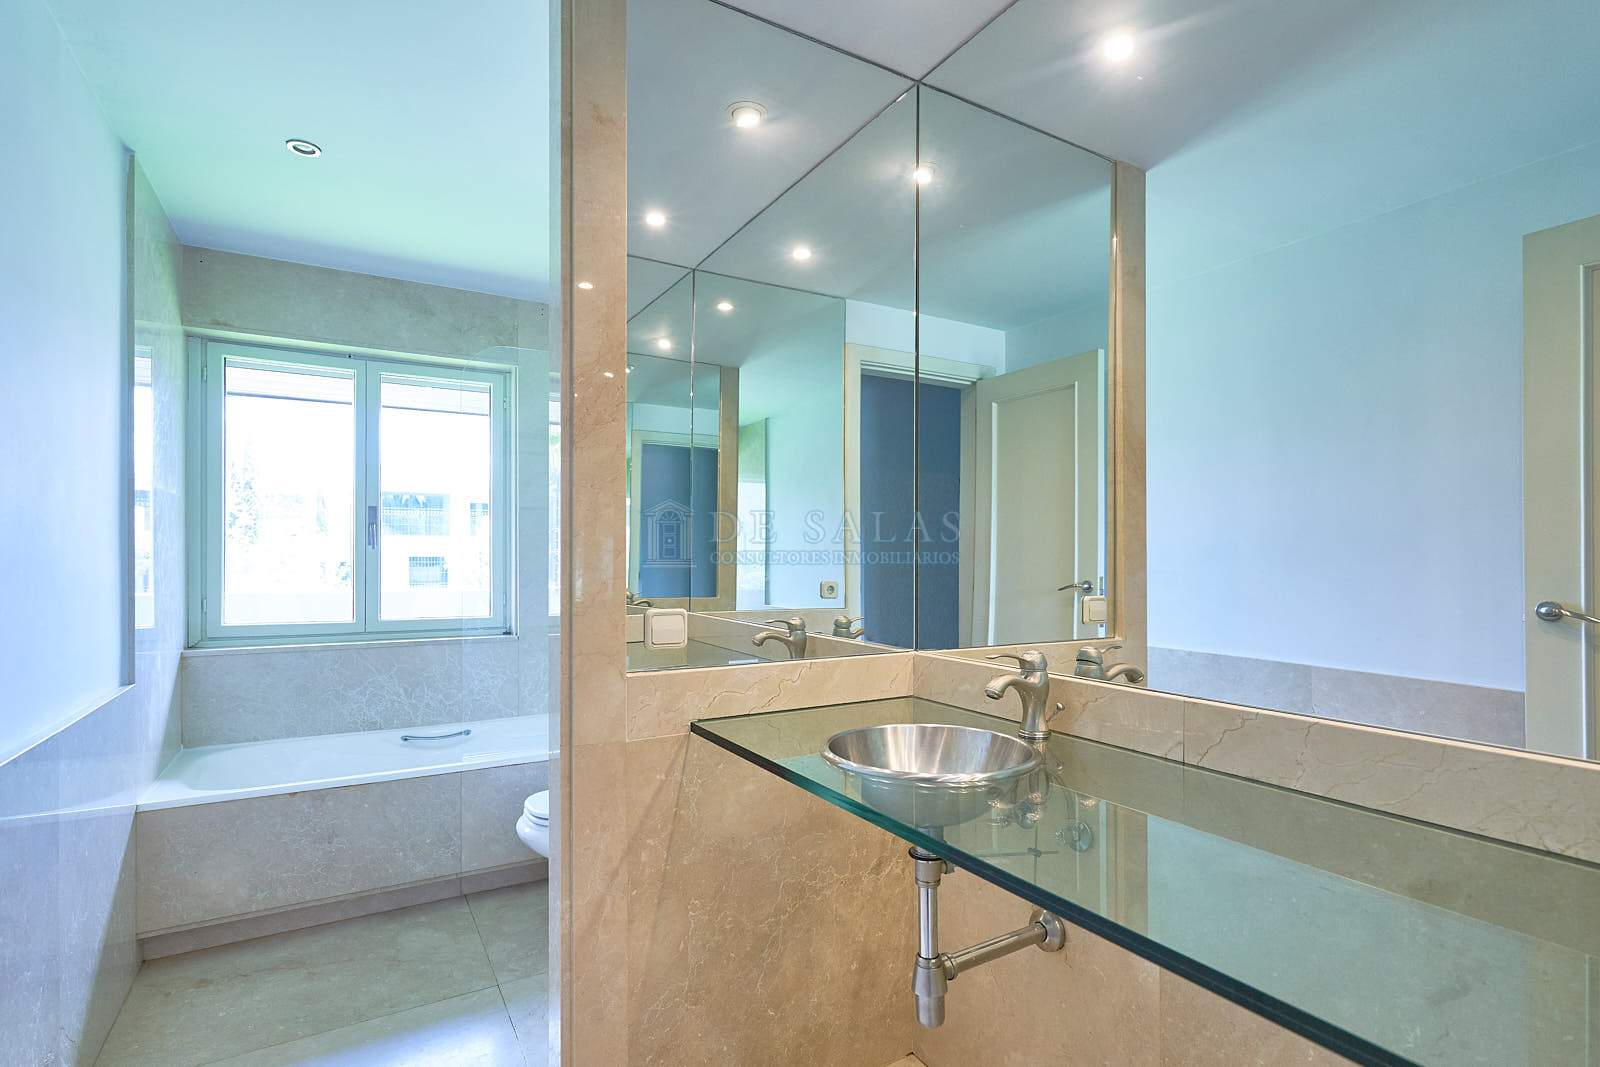 Baño-033 Chalet La Moraleja